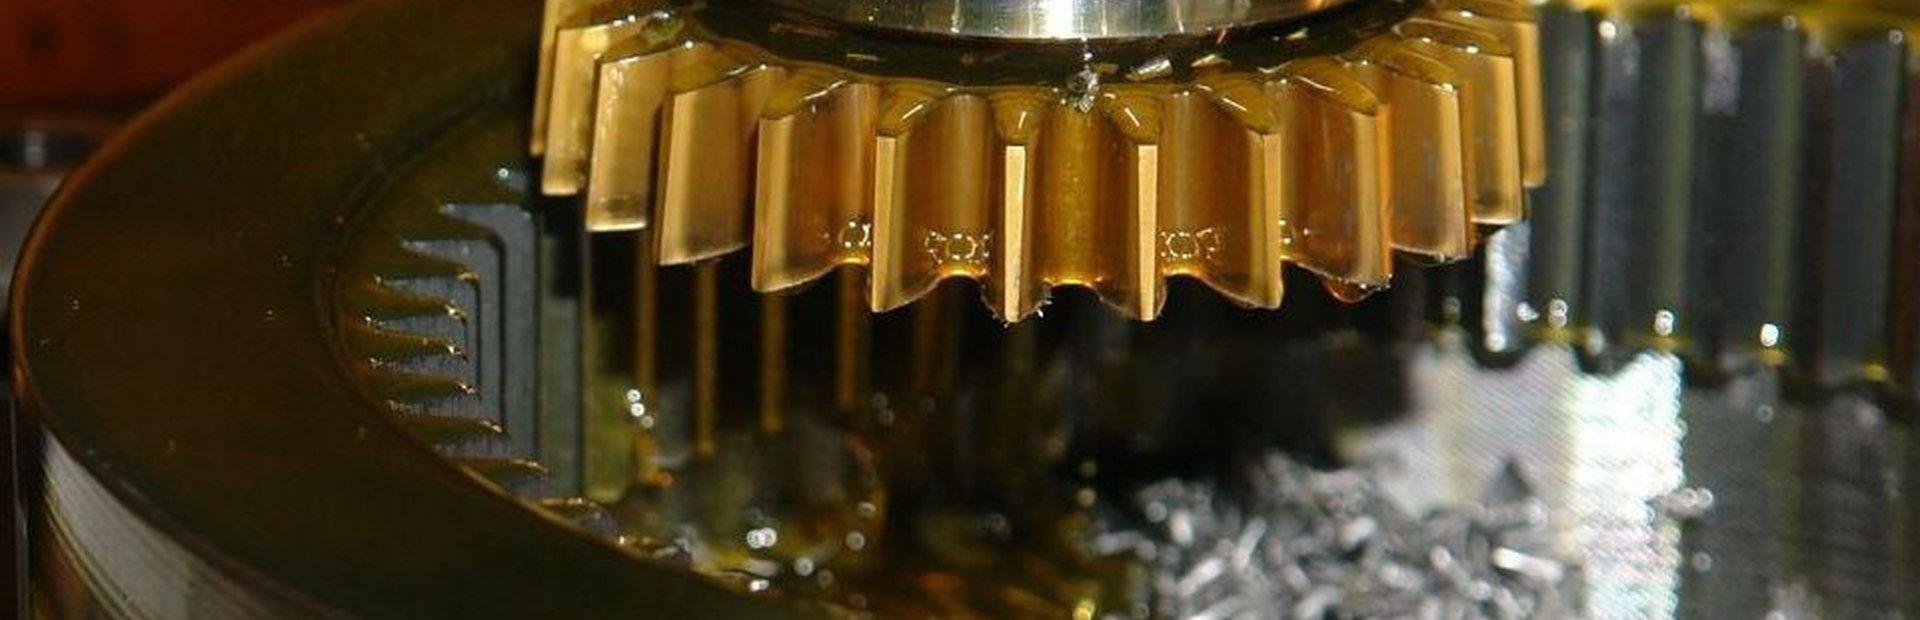 Метод обката для изготовления зубчатых колес – изображение